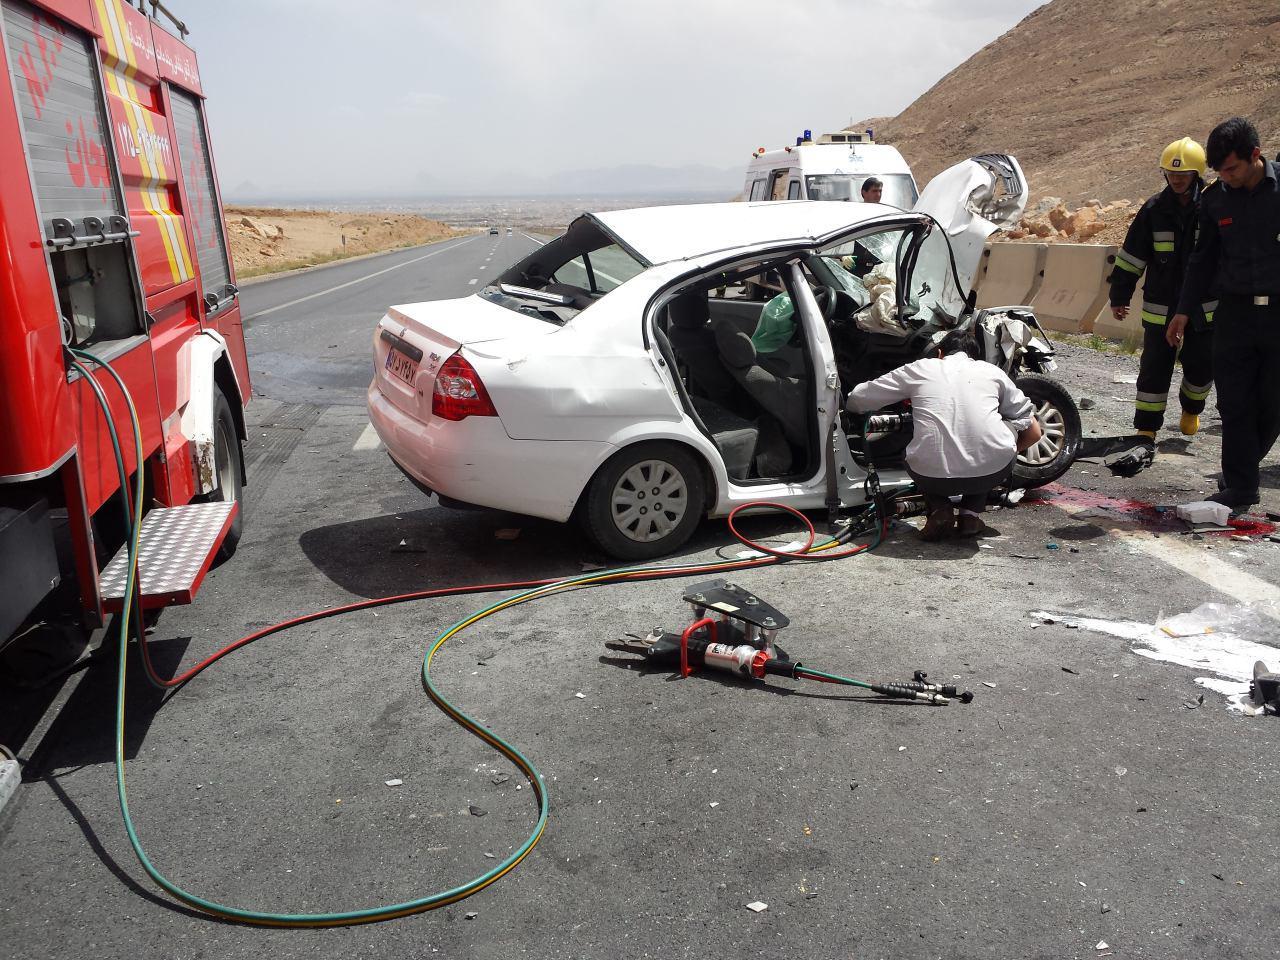 تصادف مرگبار در محور فیلور نجف آباد تصادف مرگبار در محور فیلور نجف آباد تصادف مرگبار در محور فیلور نجف آباد           2